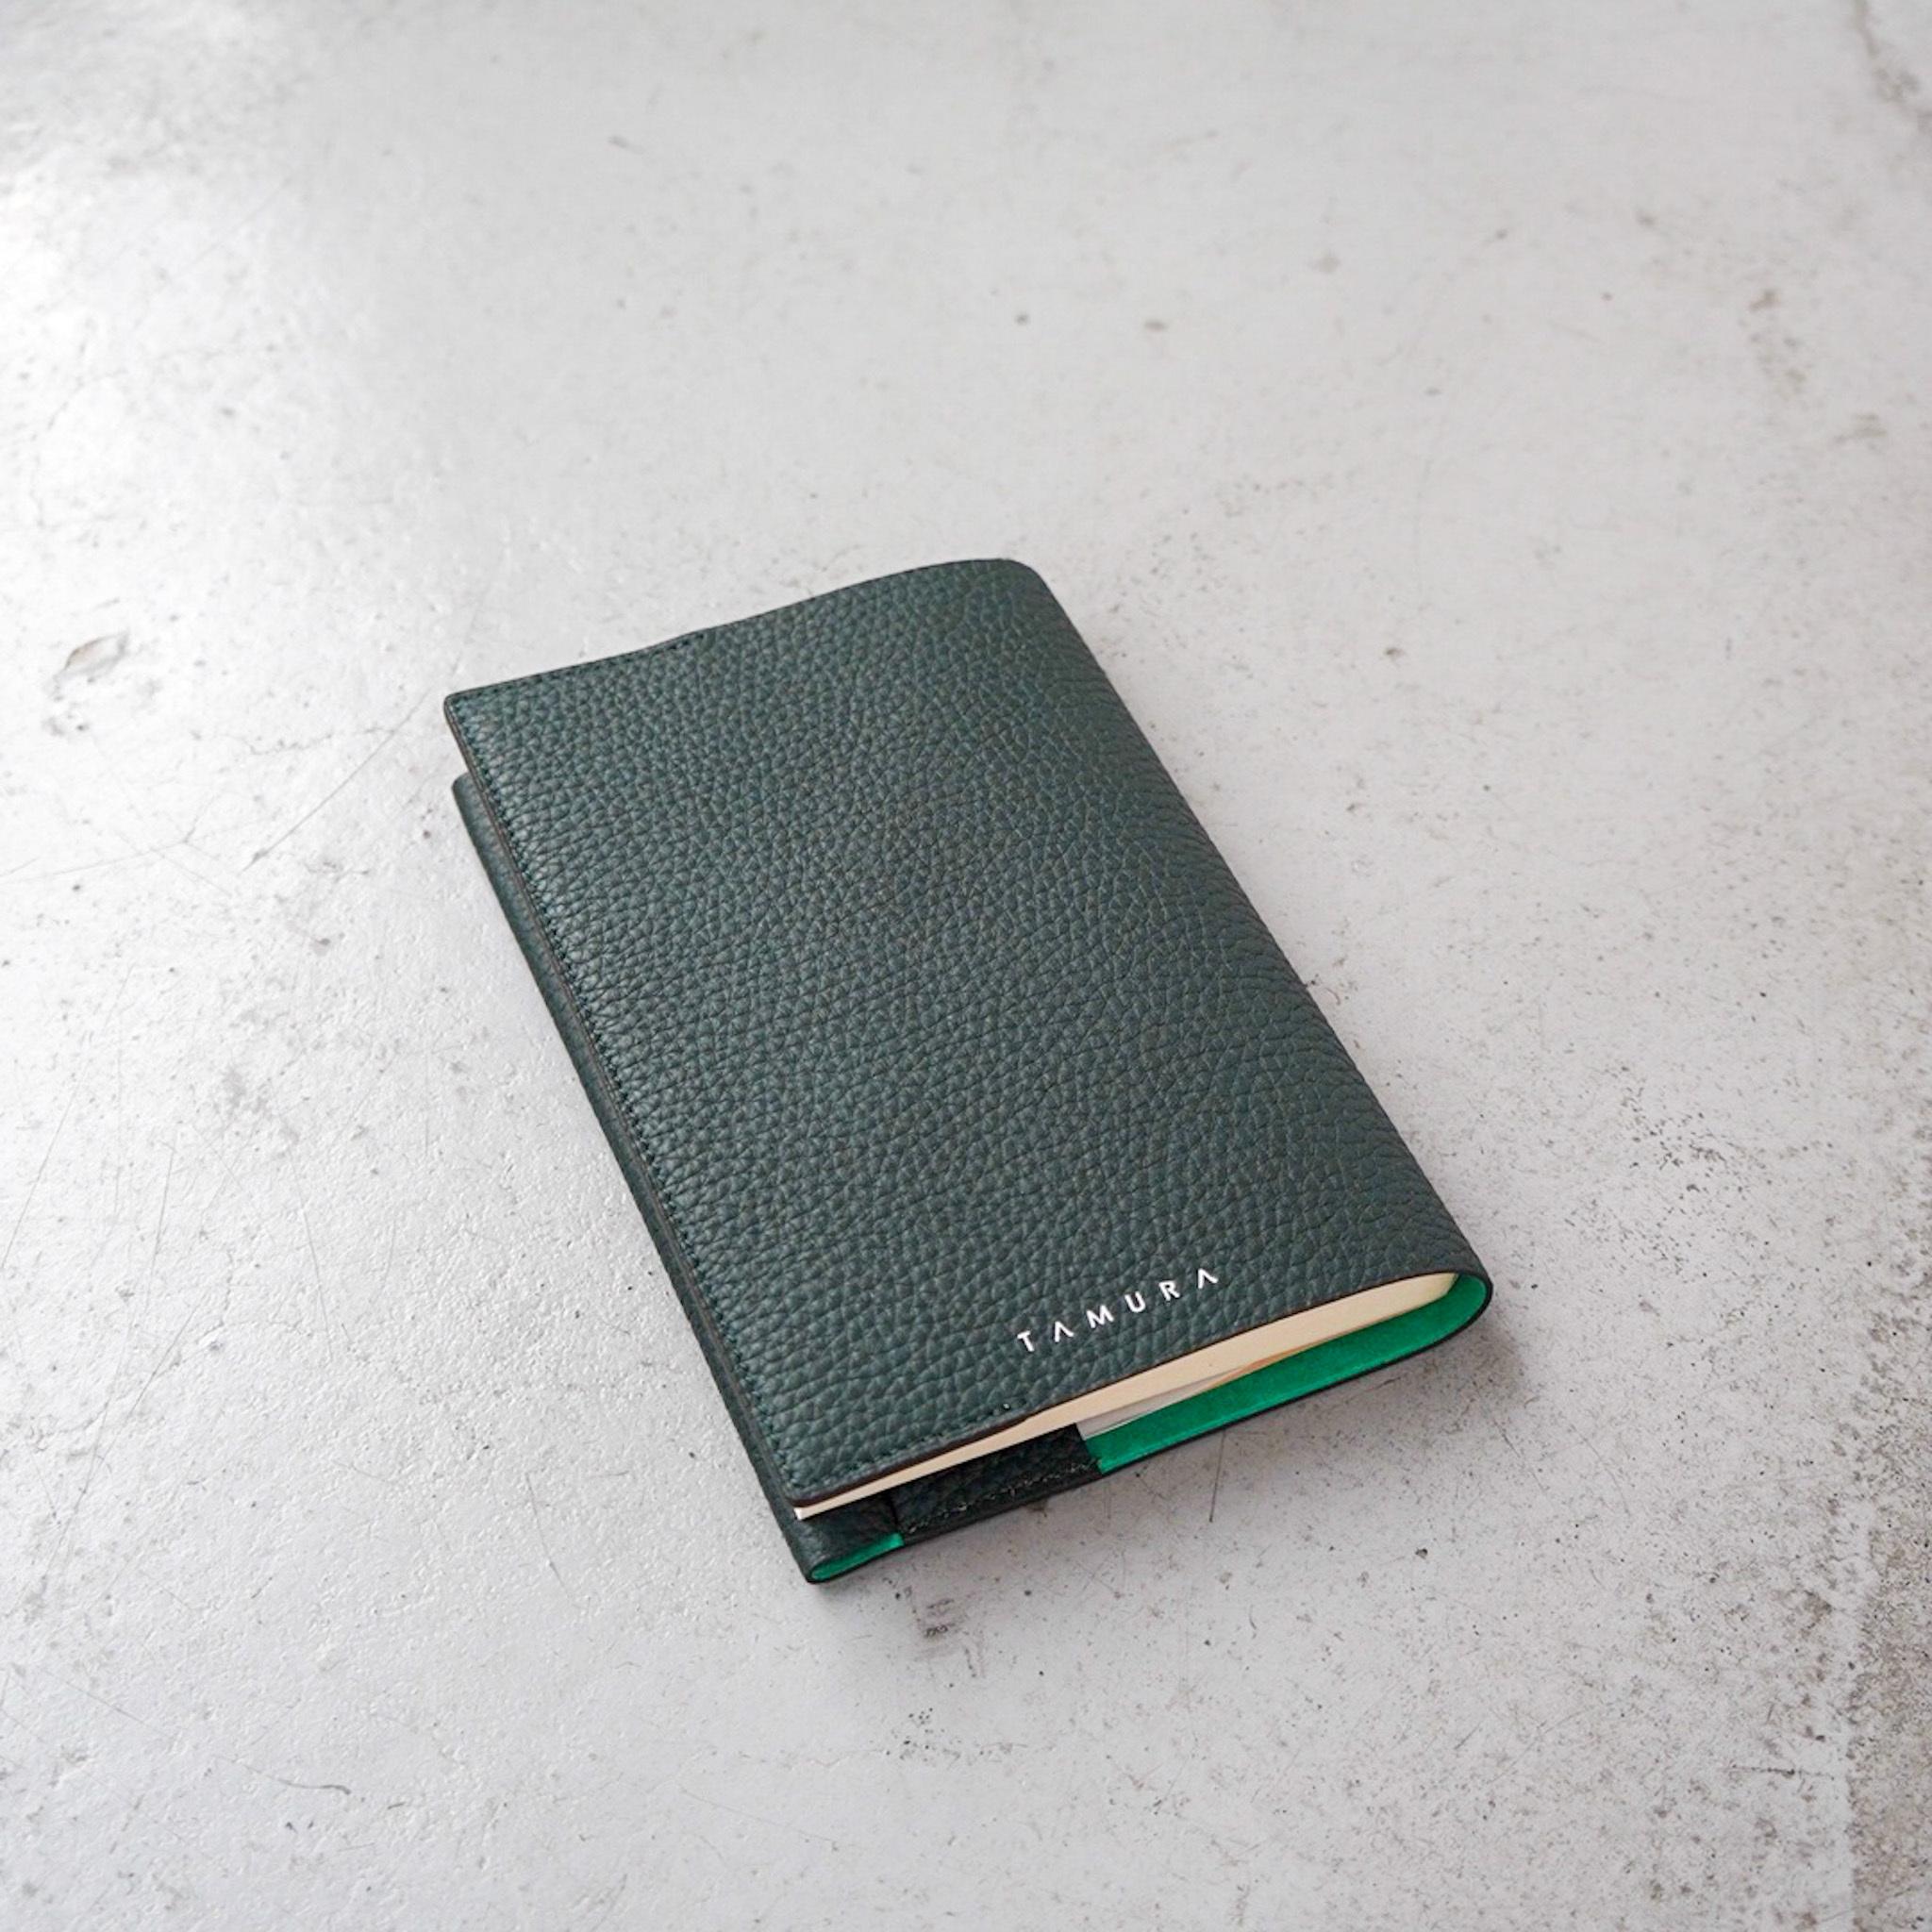 BOOK COVER(文庫サイズ)ダークグリーン × グリーン